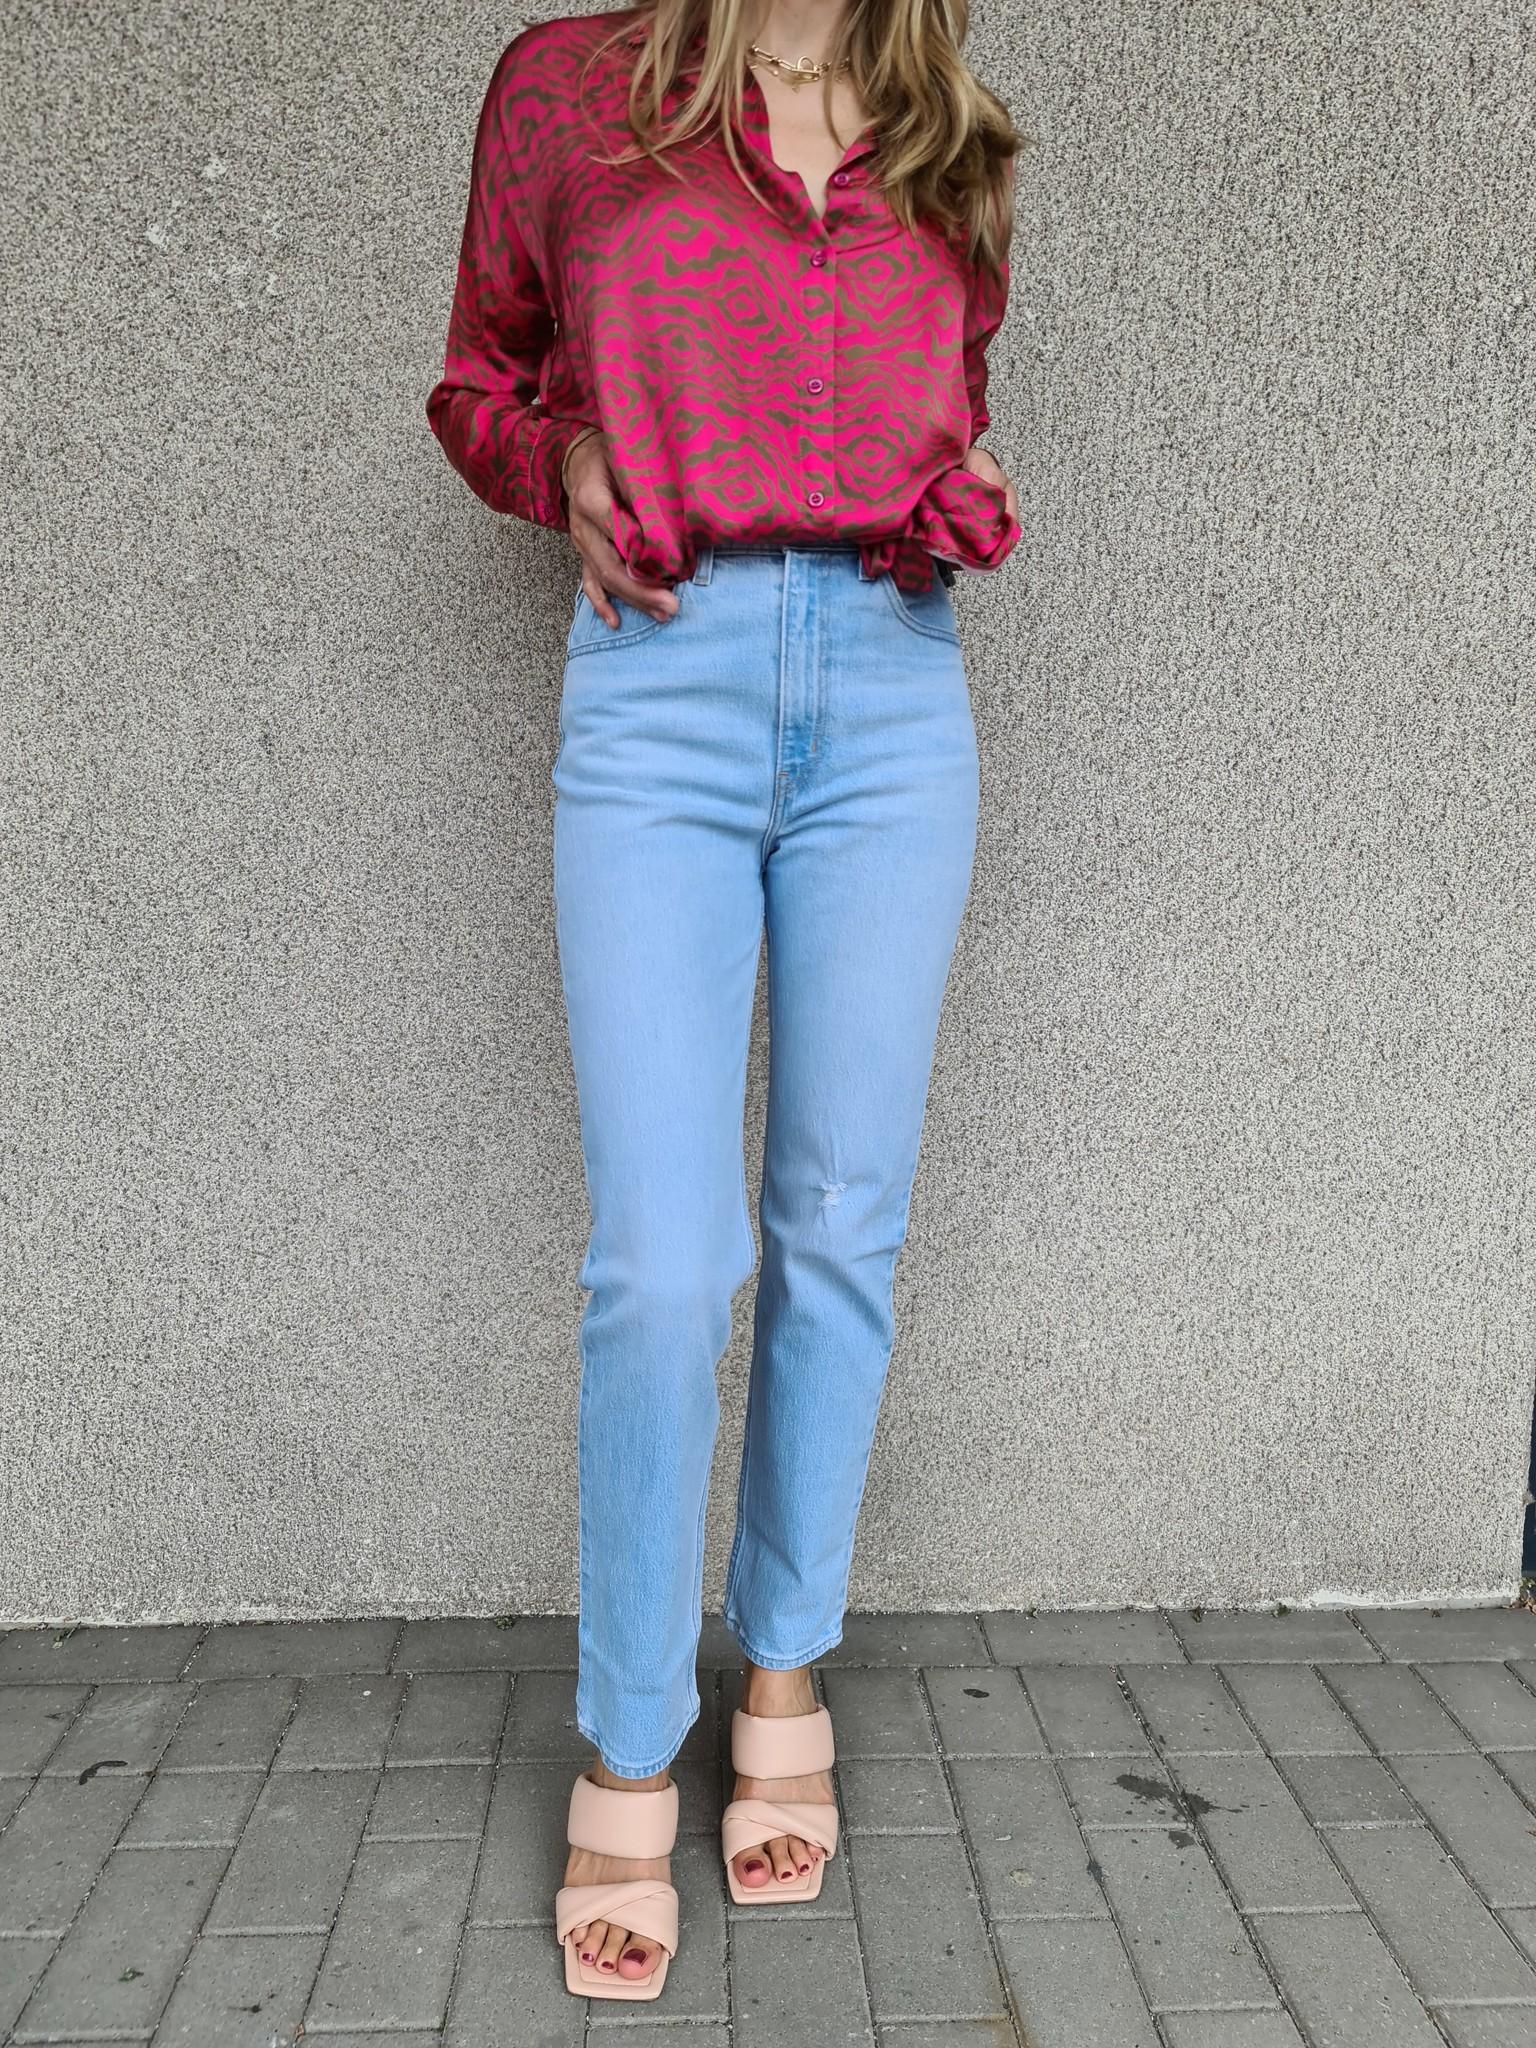 LEVIS jeans-6